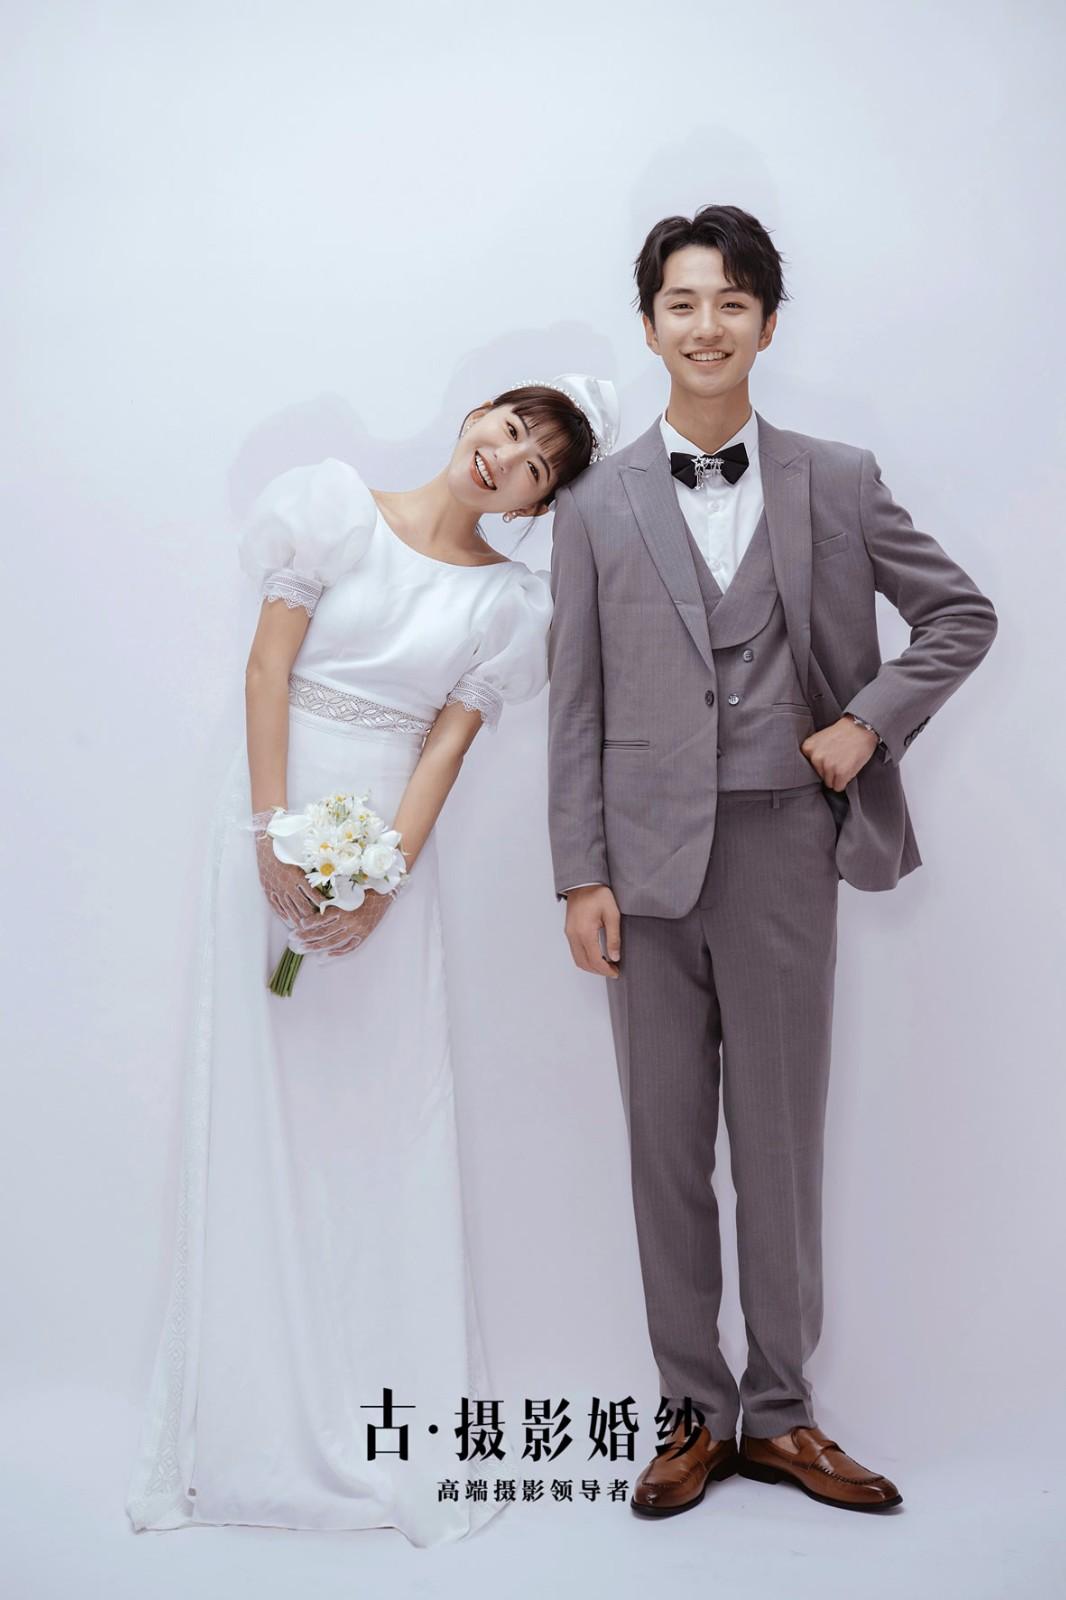 见习爱神 - 明星范 - 古摄影婚纱艺术-古摄影成都婚纱摄影艺术摄影网